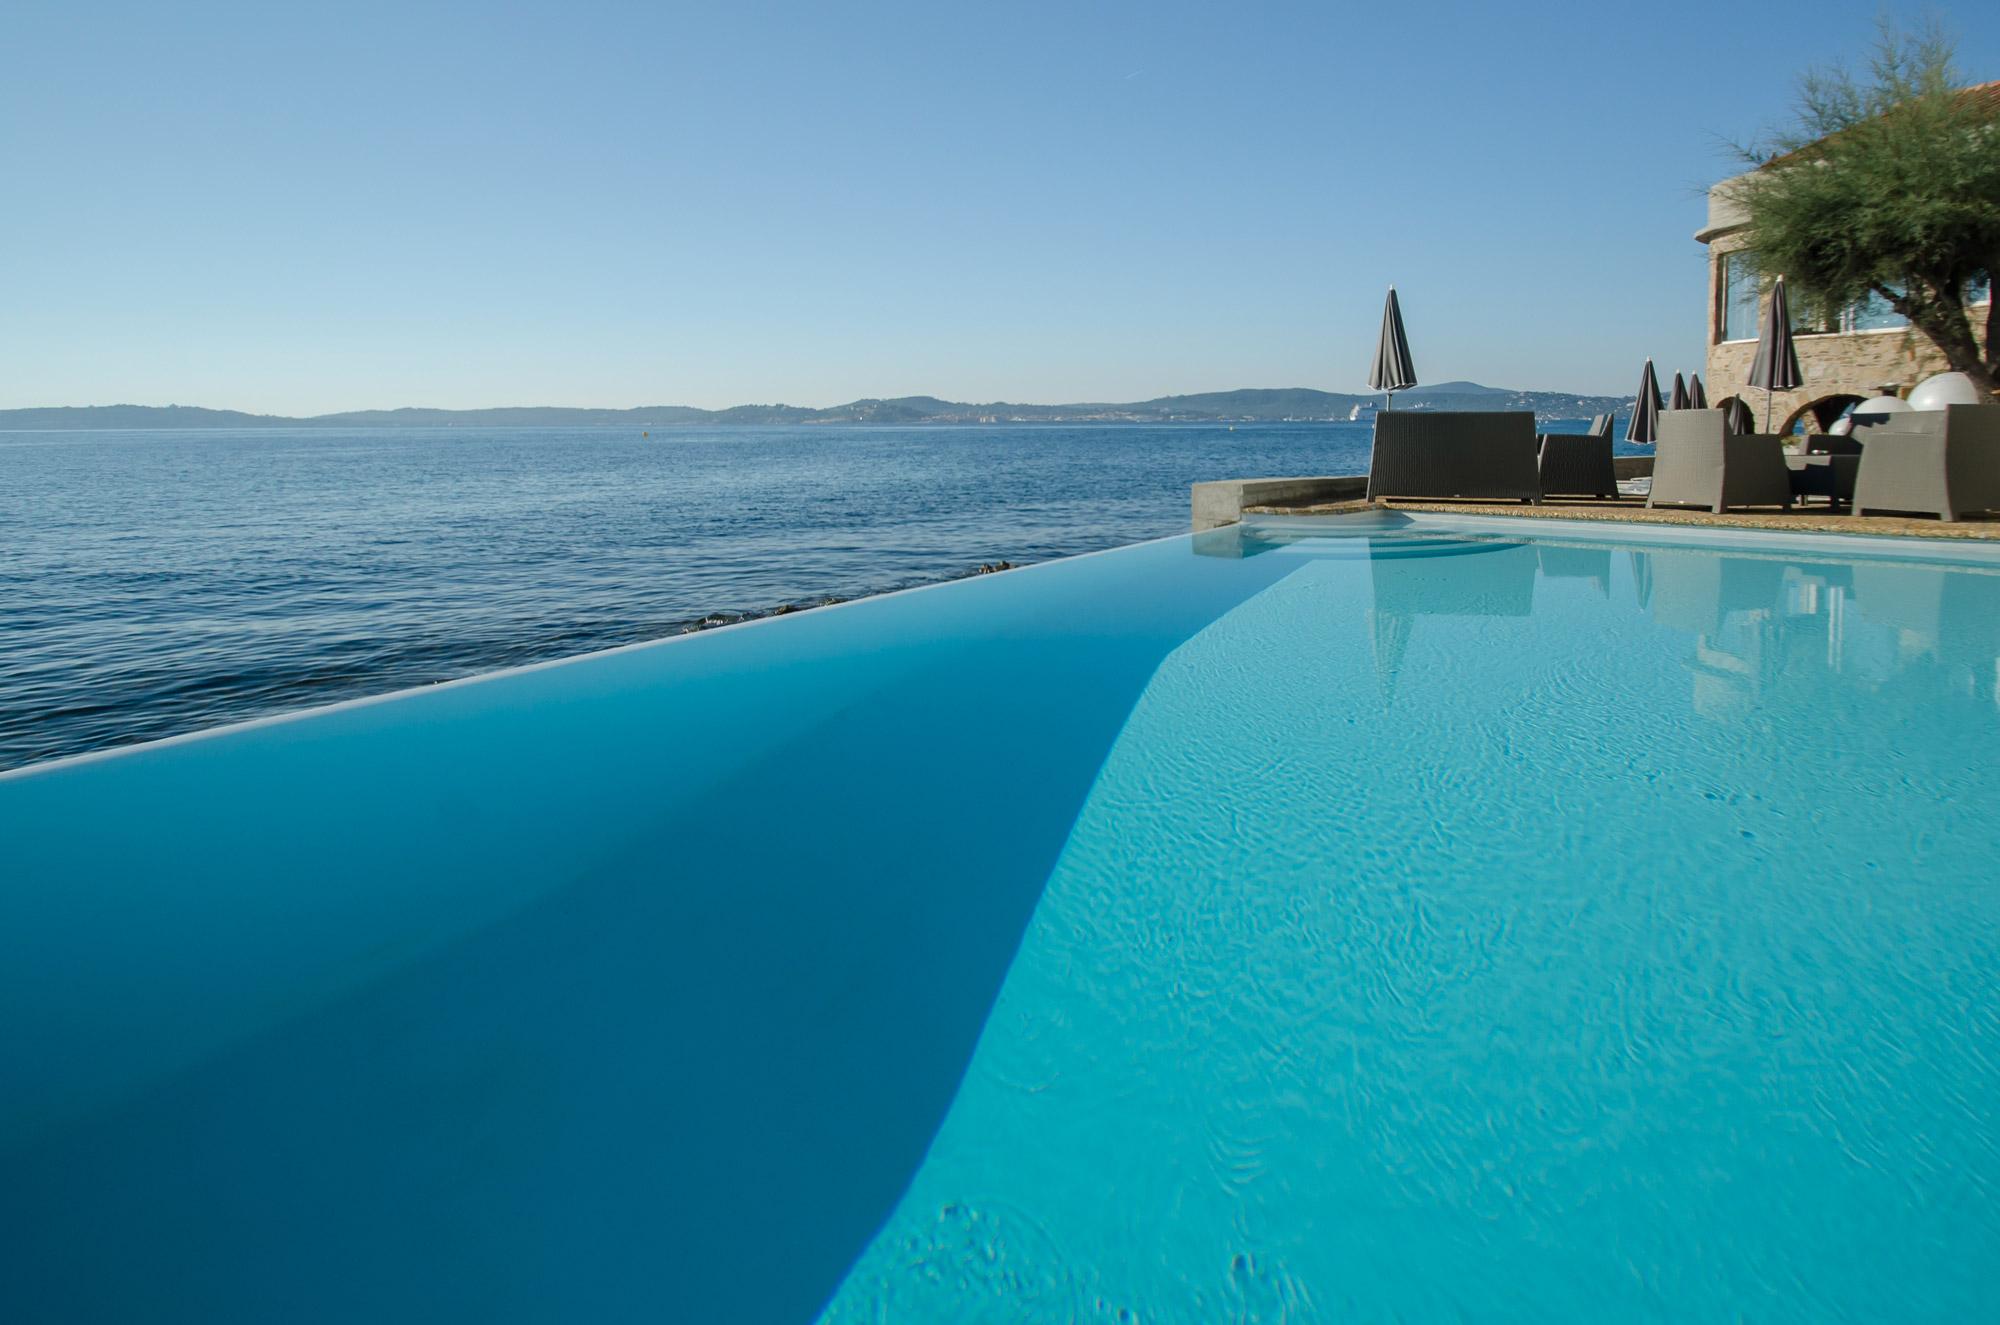 Piscine à débordement avec vue sur la mer Méditerranée, en arrière-plan une terrasse pour prendre un bain de soleil